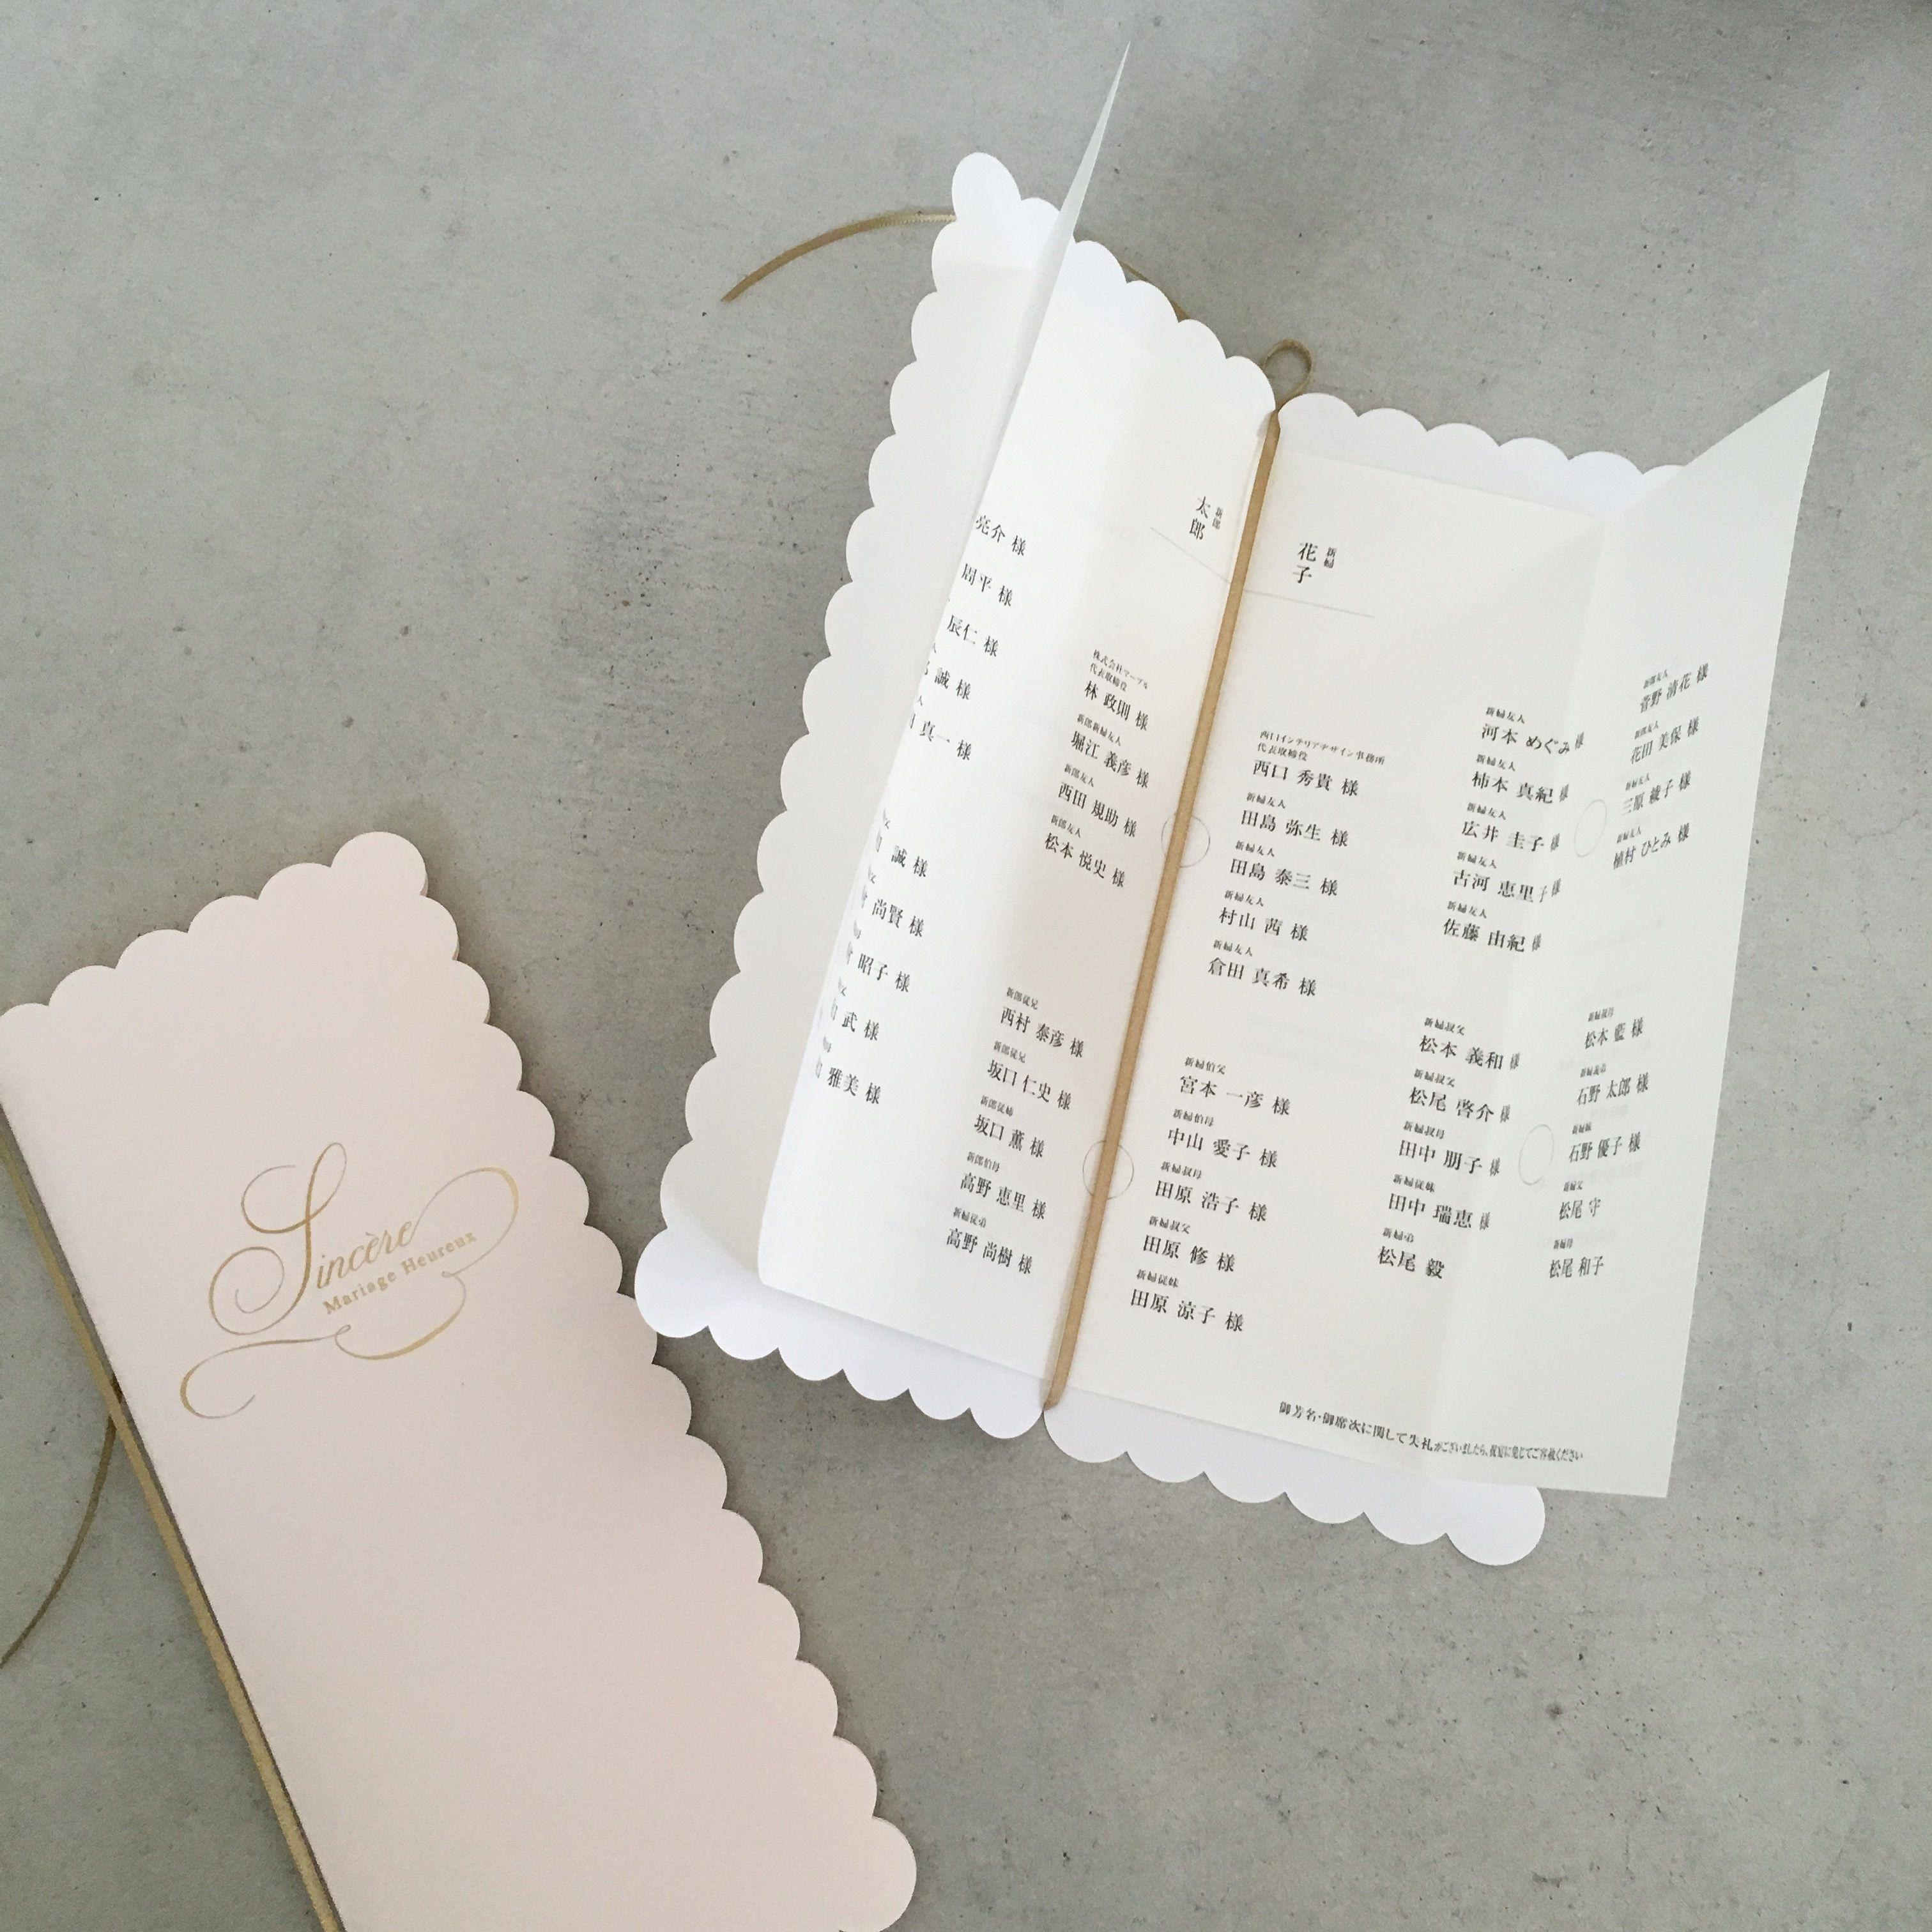 サンプル:結婚式 席次表 サンサールシリーズ